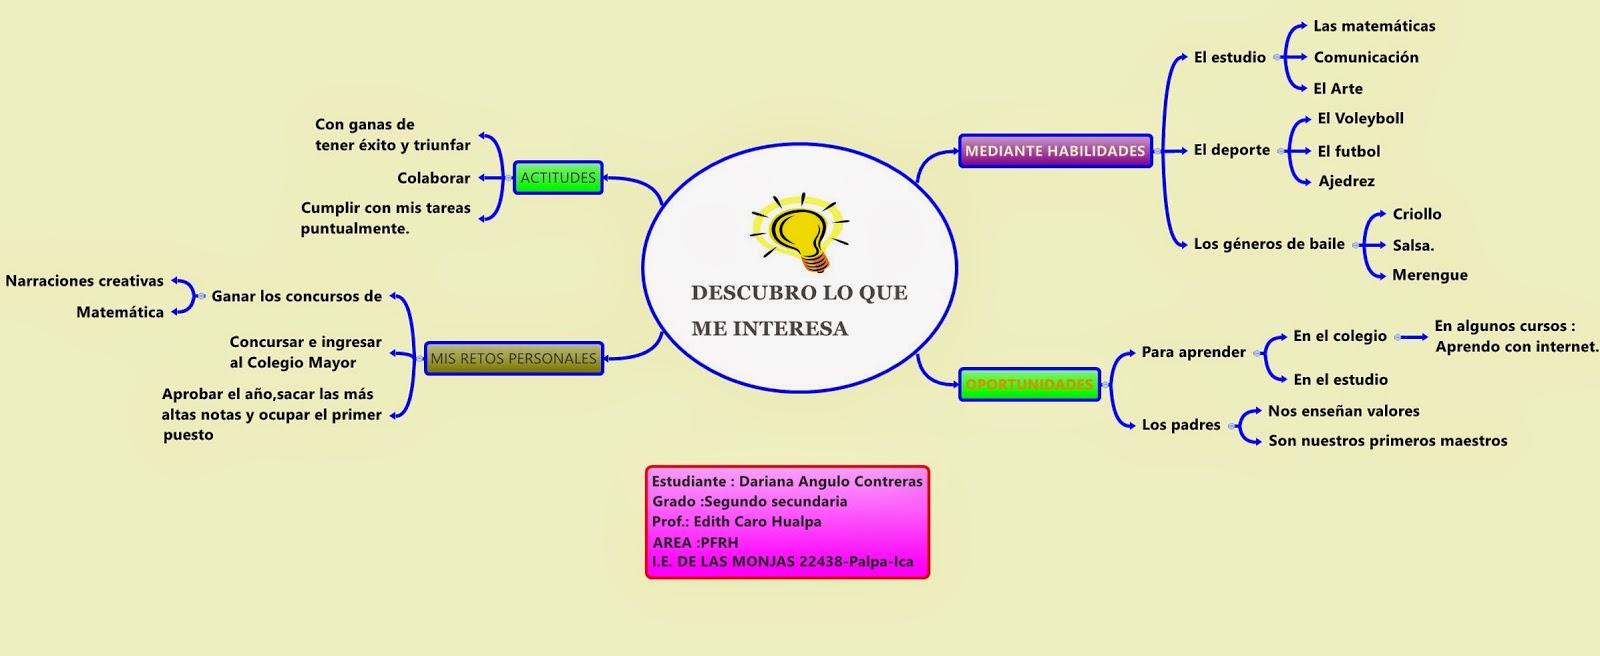 Organizadores Visuales Web 2 0 Aplicaciones Y Beneficios Del Uso Del Mapa Mental